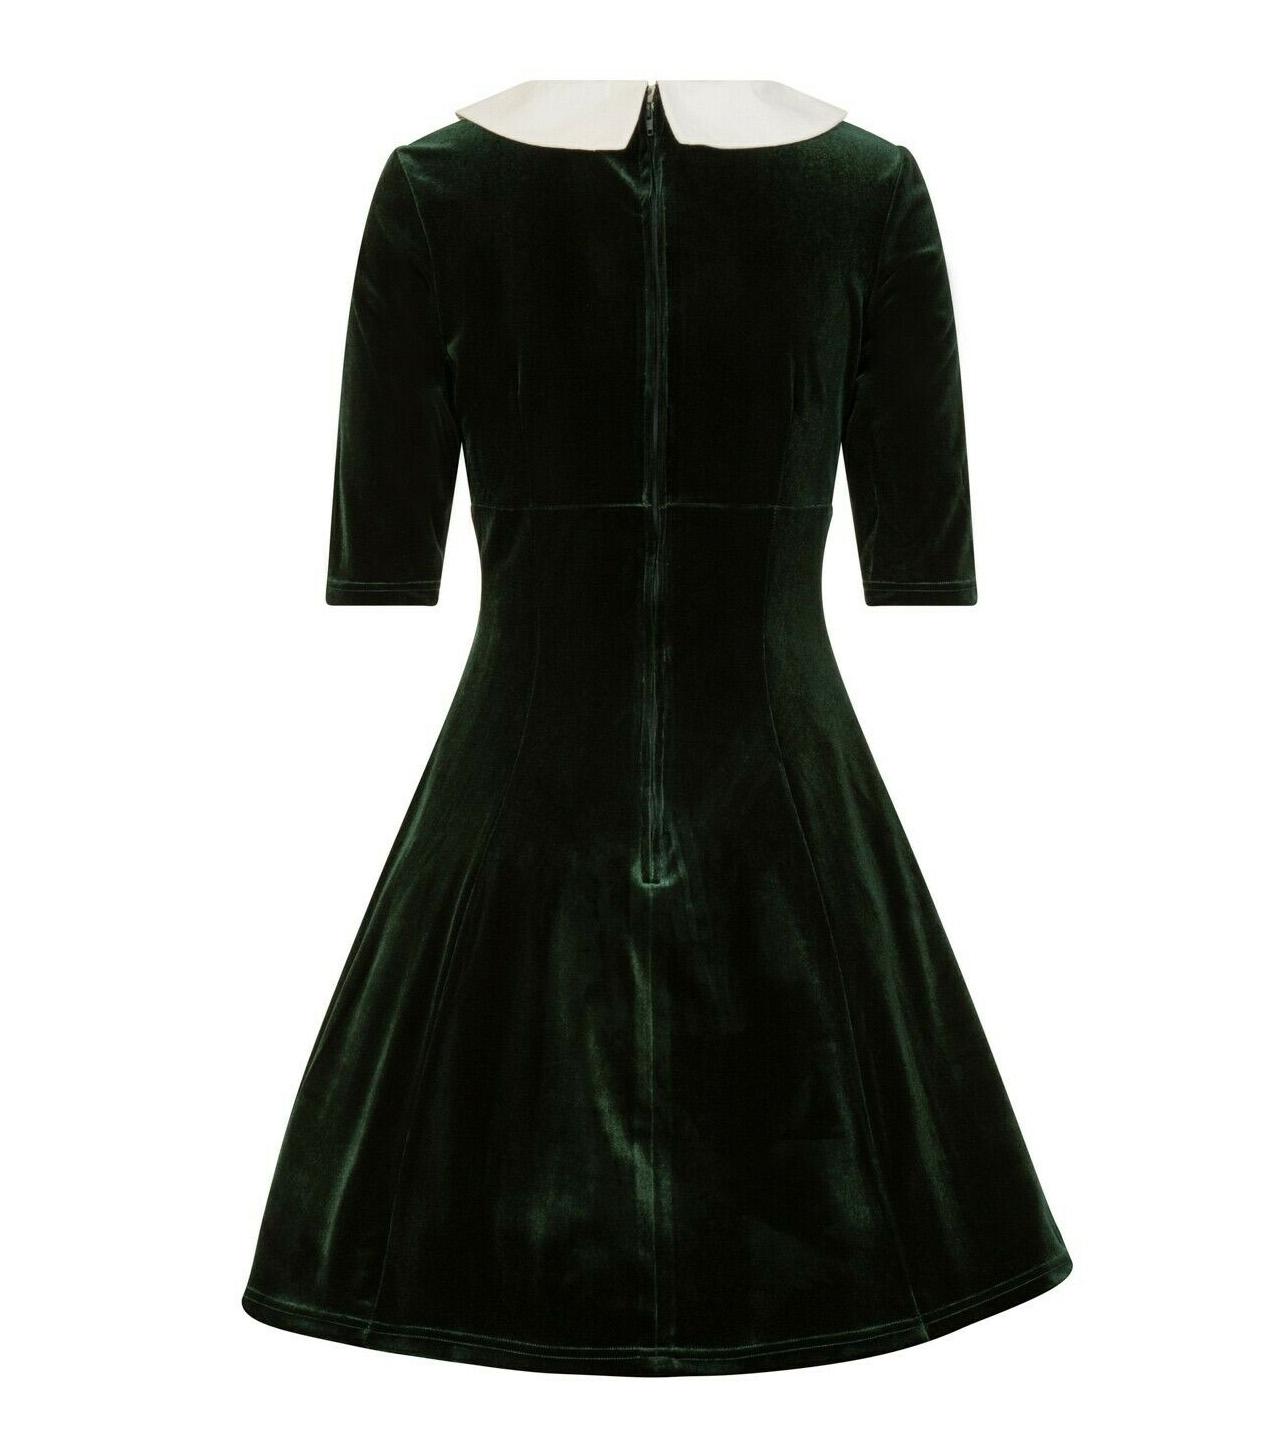 Hell-Bunny-Mini-Skater-Dress-Festive-Christmas-NICOLA-Green-Velvet-All-Sizes thumbnail 13